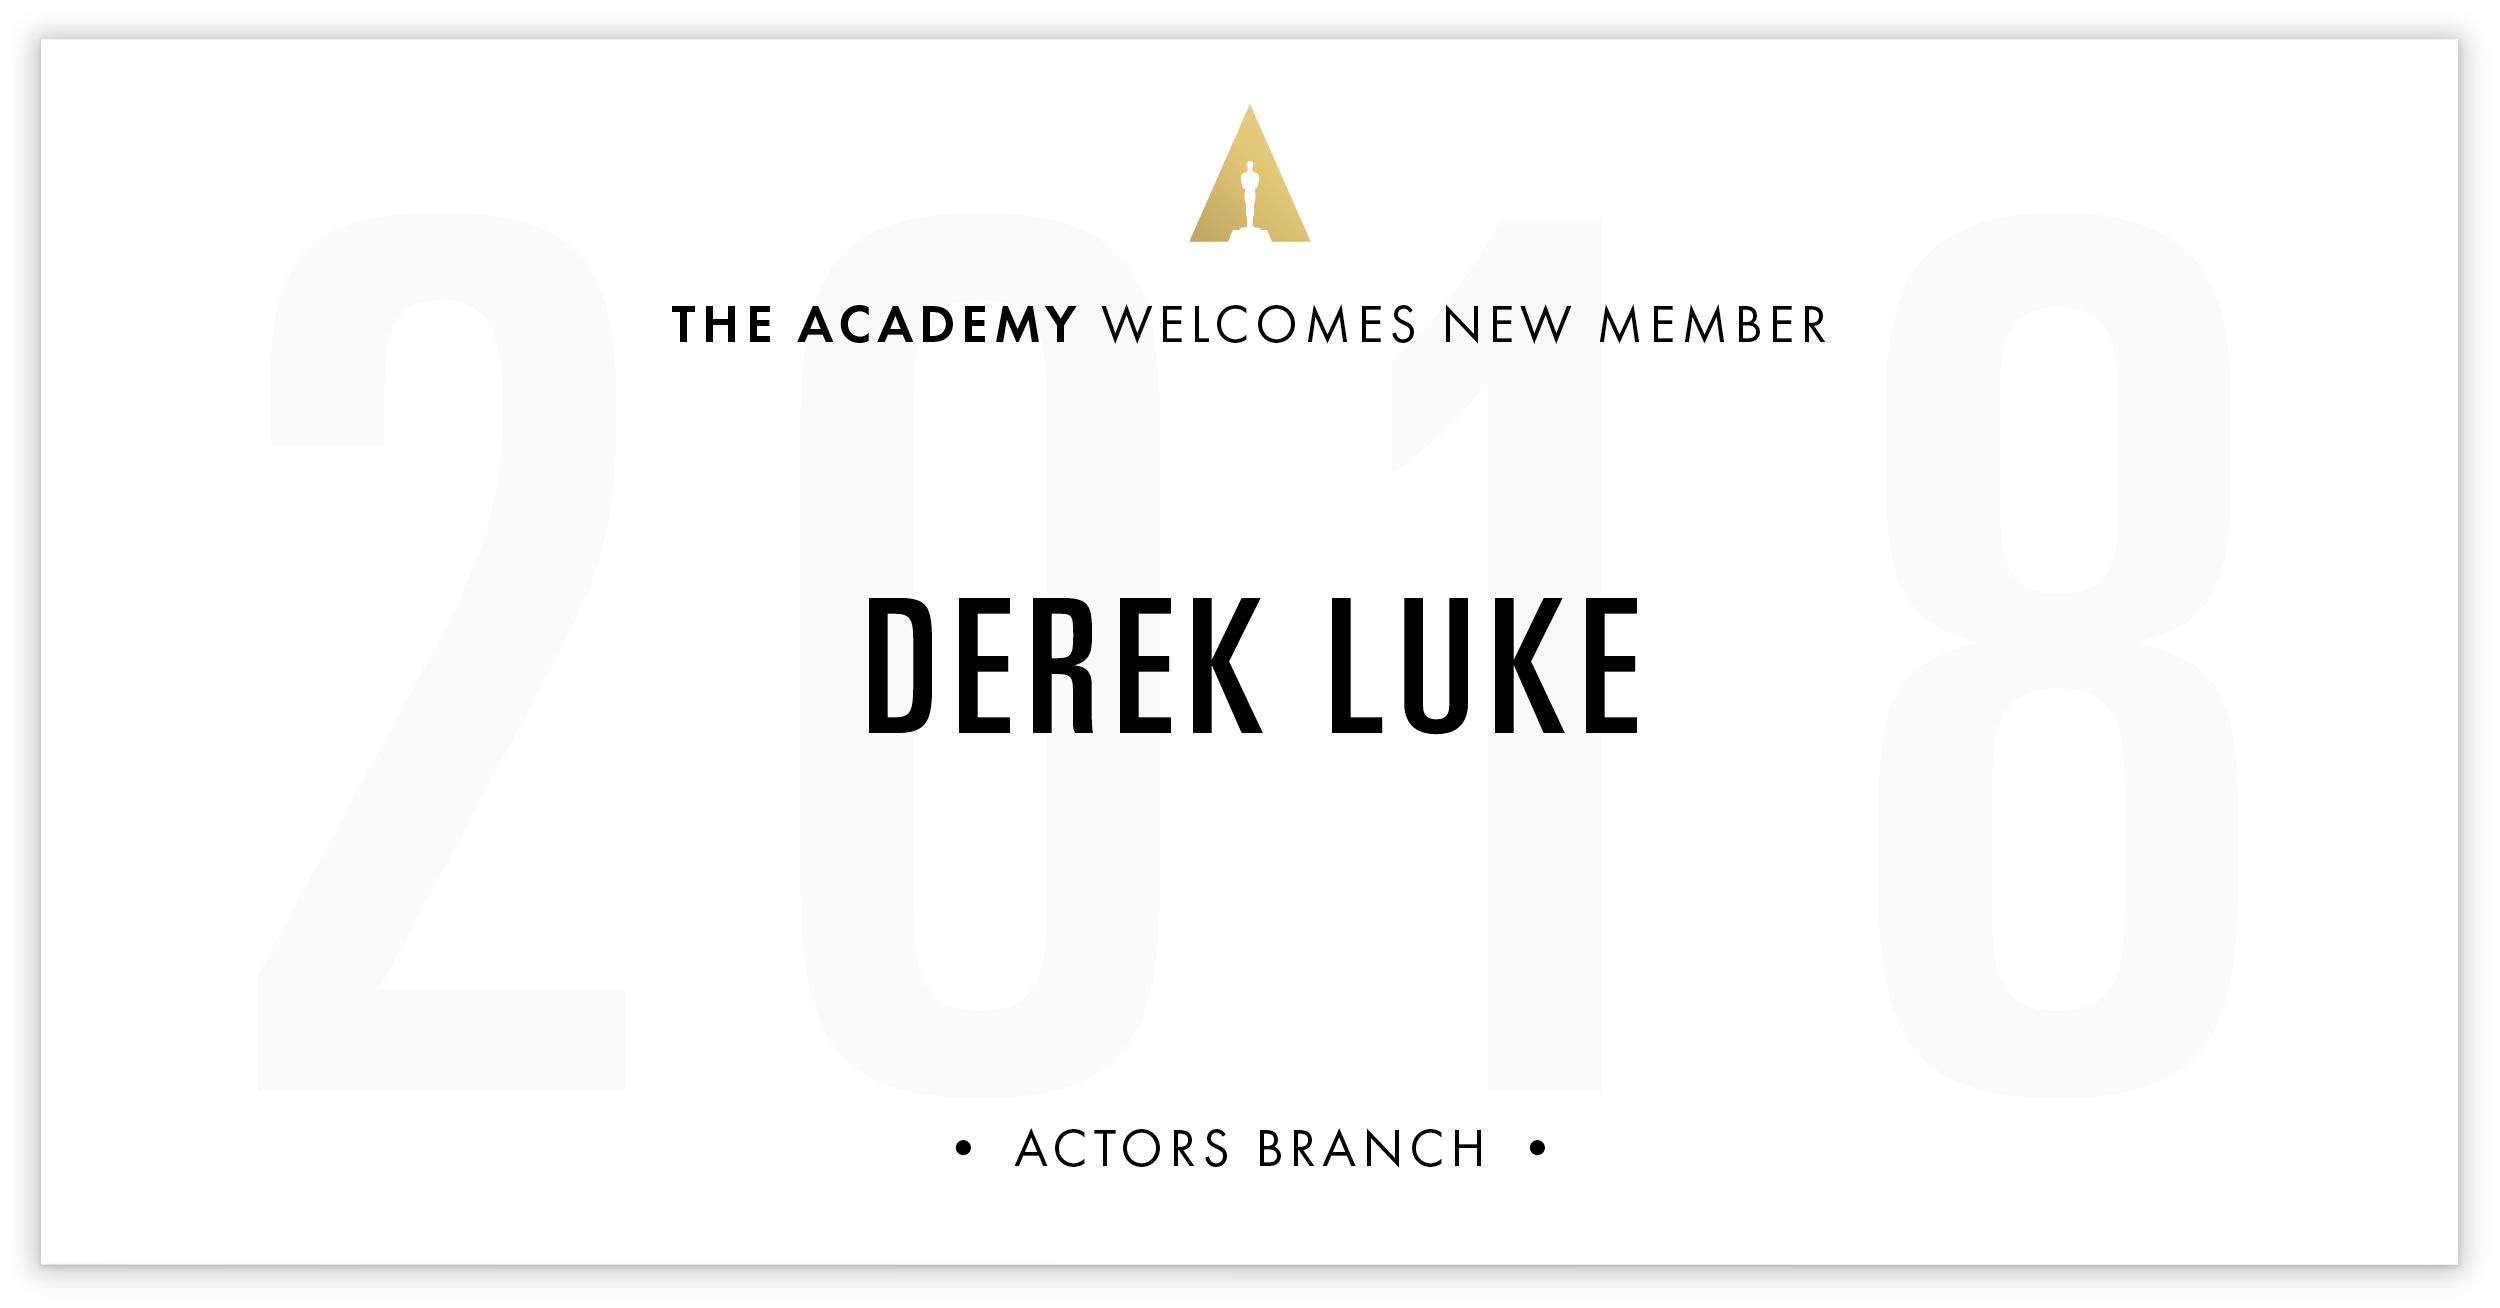 Derek Luke is invited!